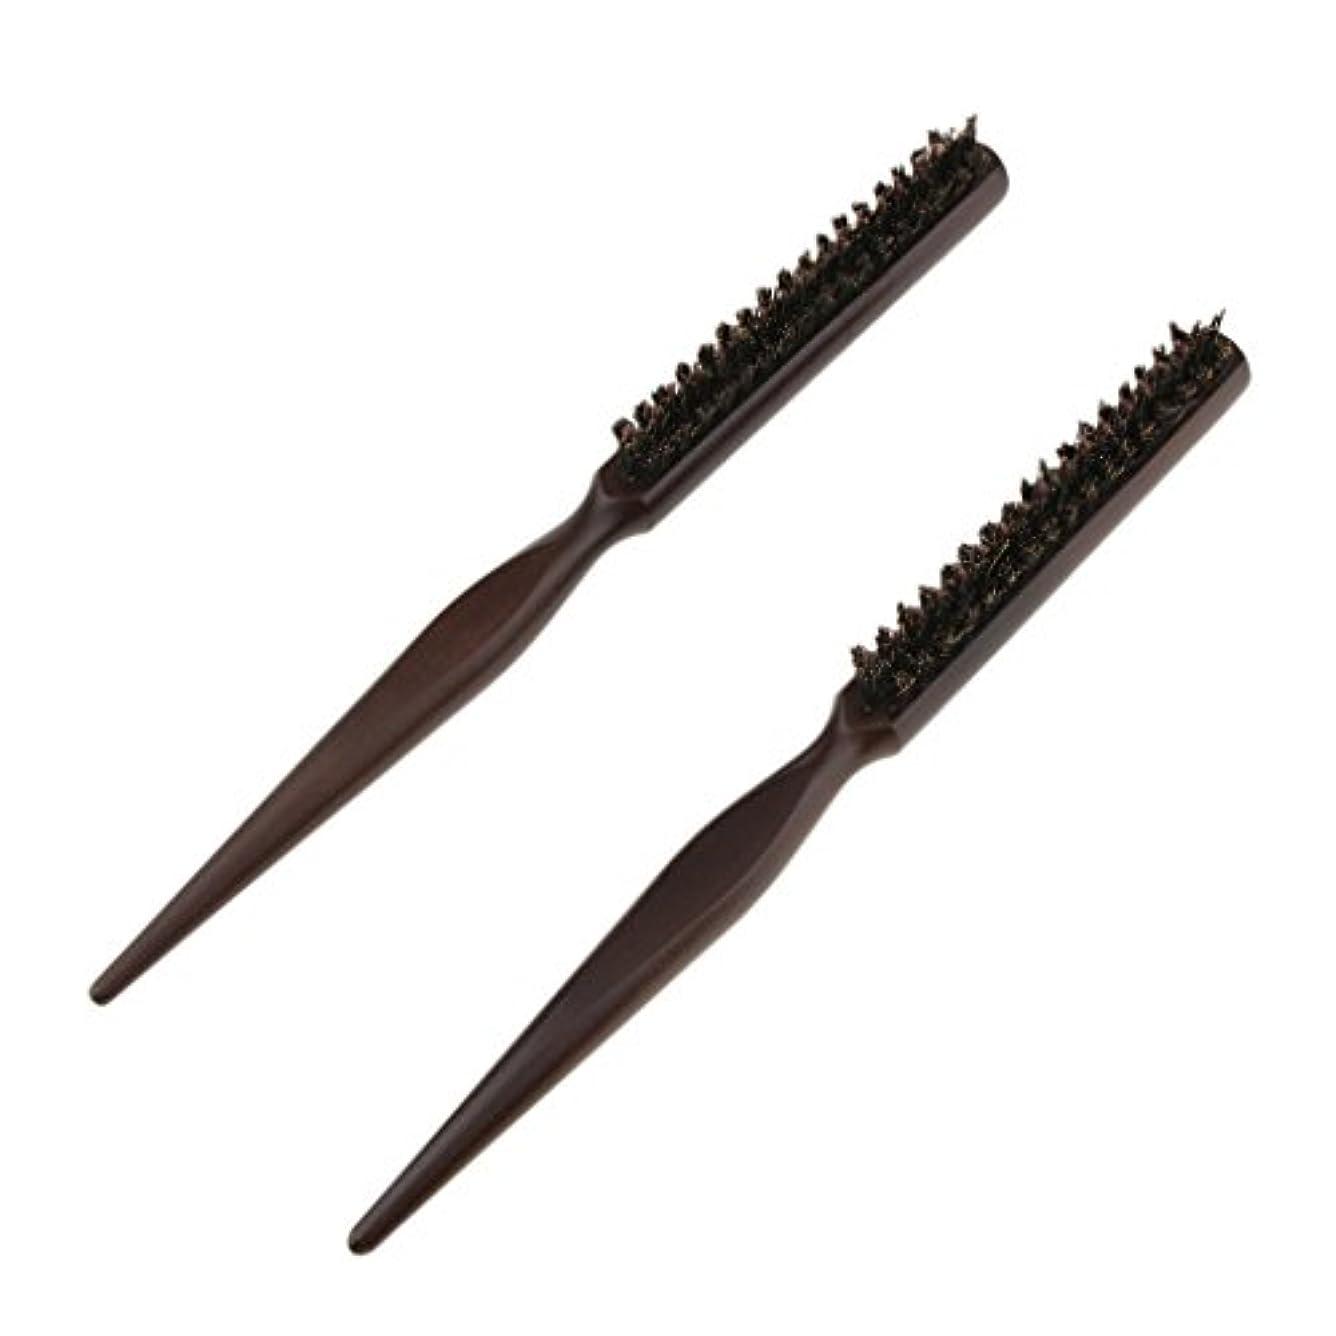 モック極地力強い2本 木製櫛 ヘアブラシ ナイロン毛+木製ハンドル プロ ヘアスタイル